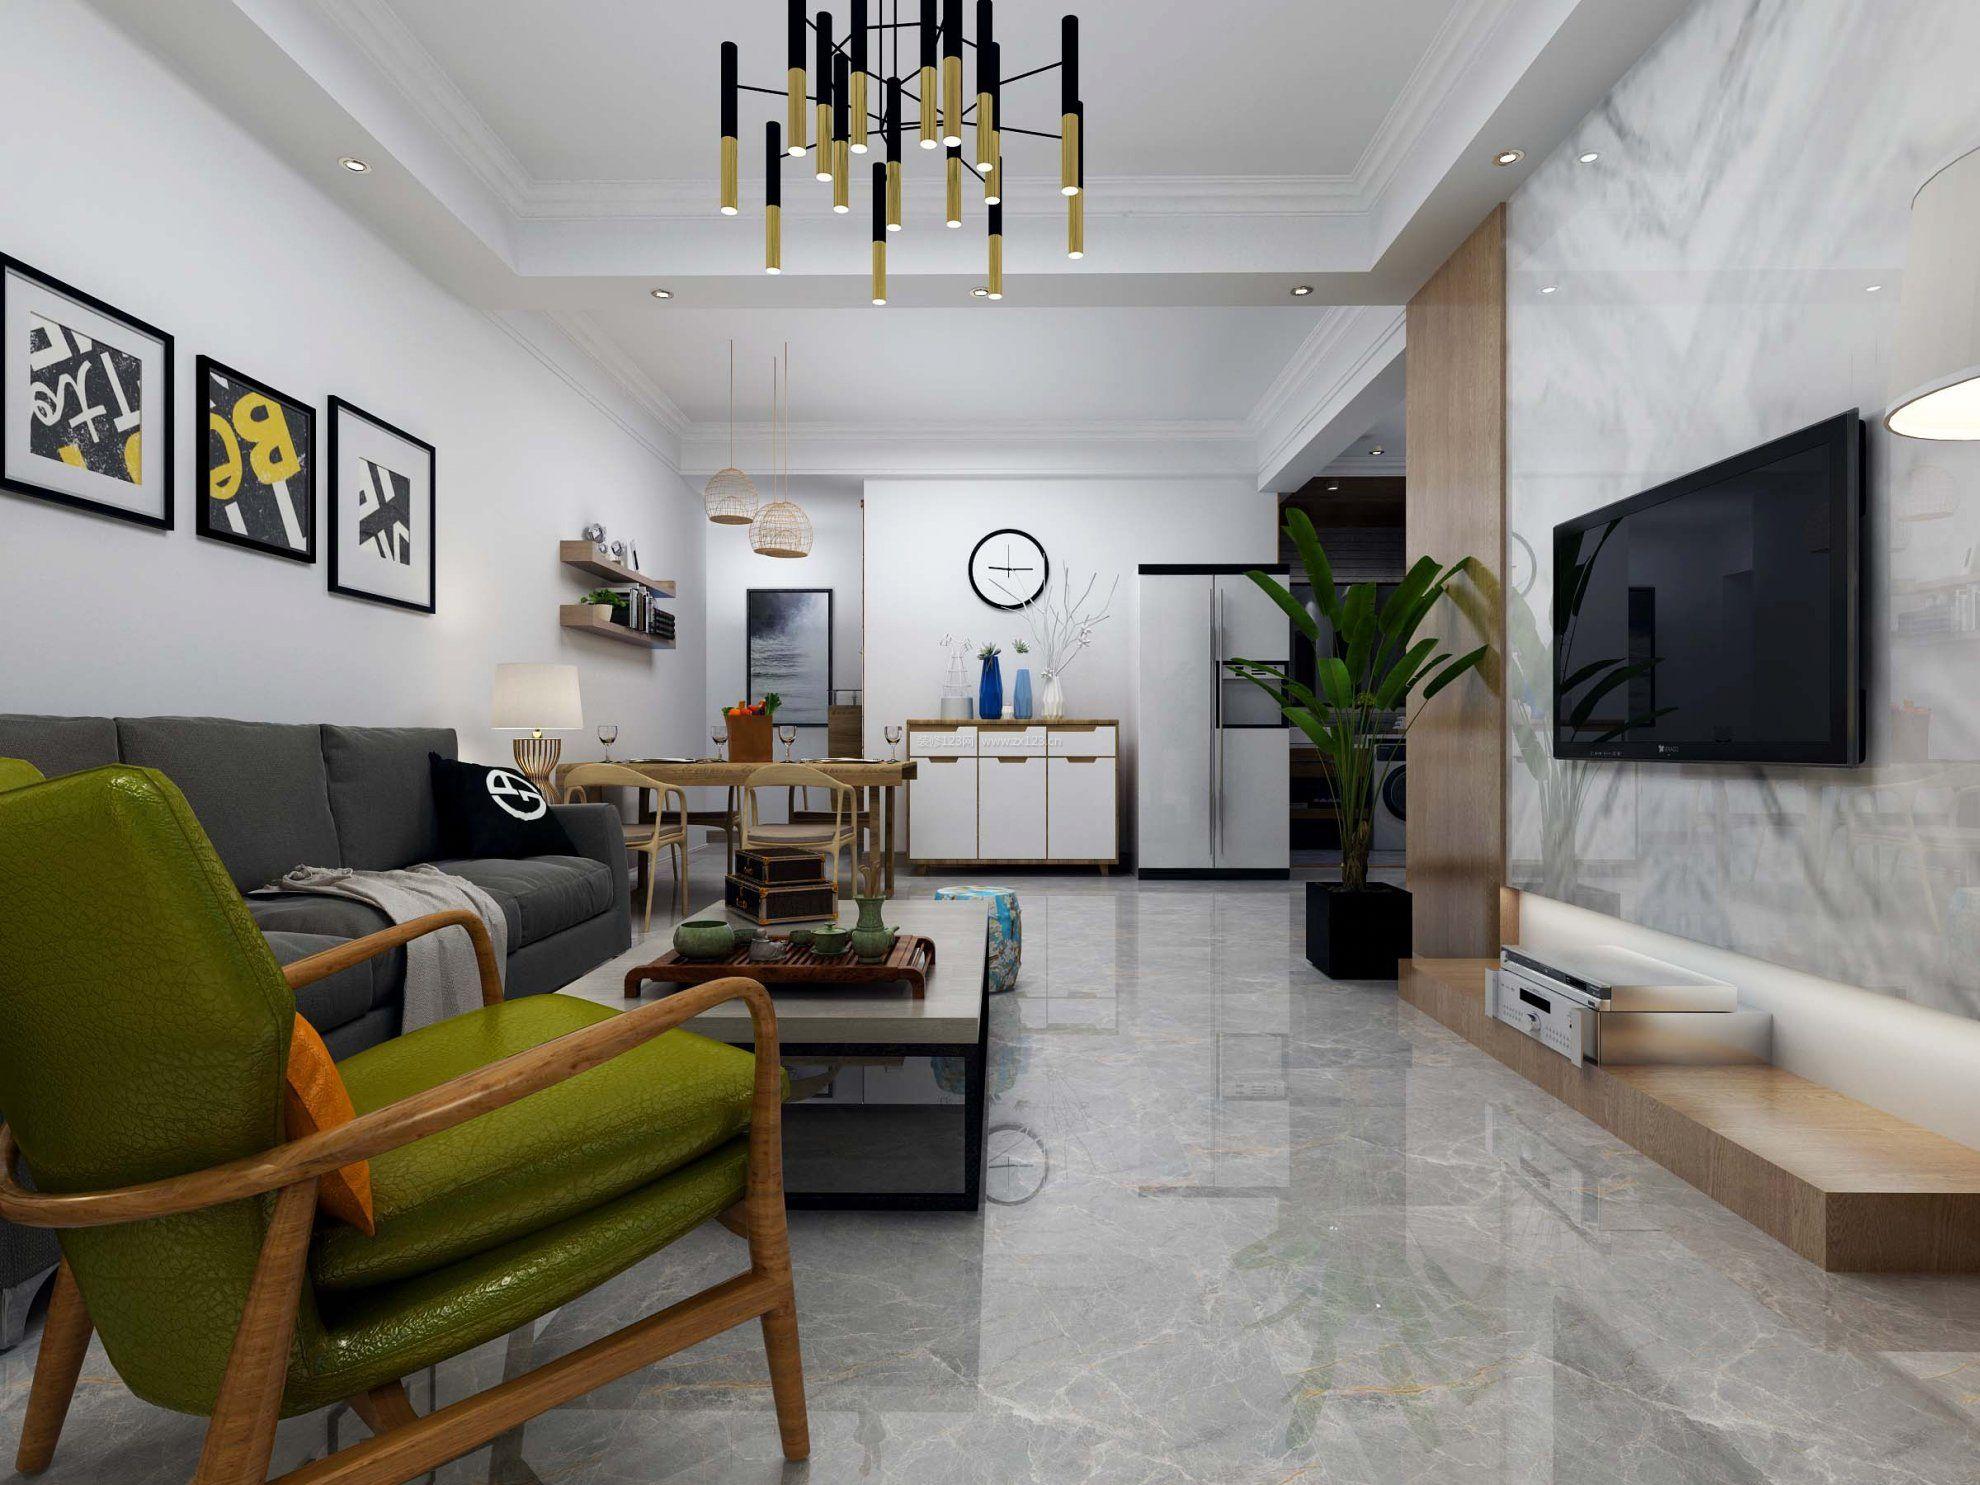 房间布局客厅家具摆放设计图片